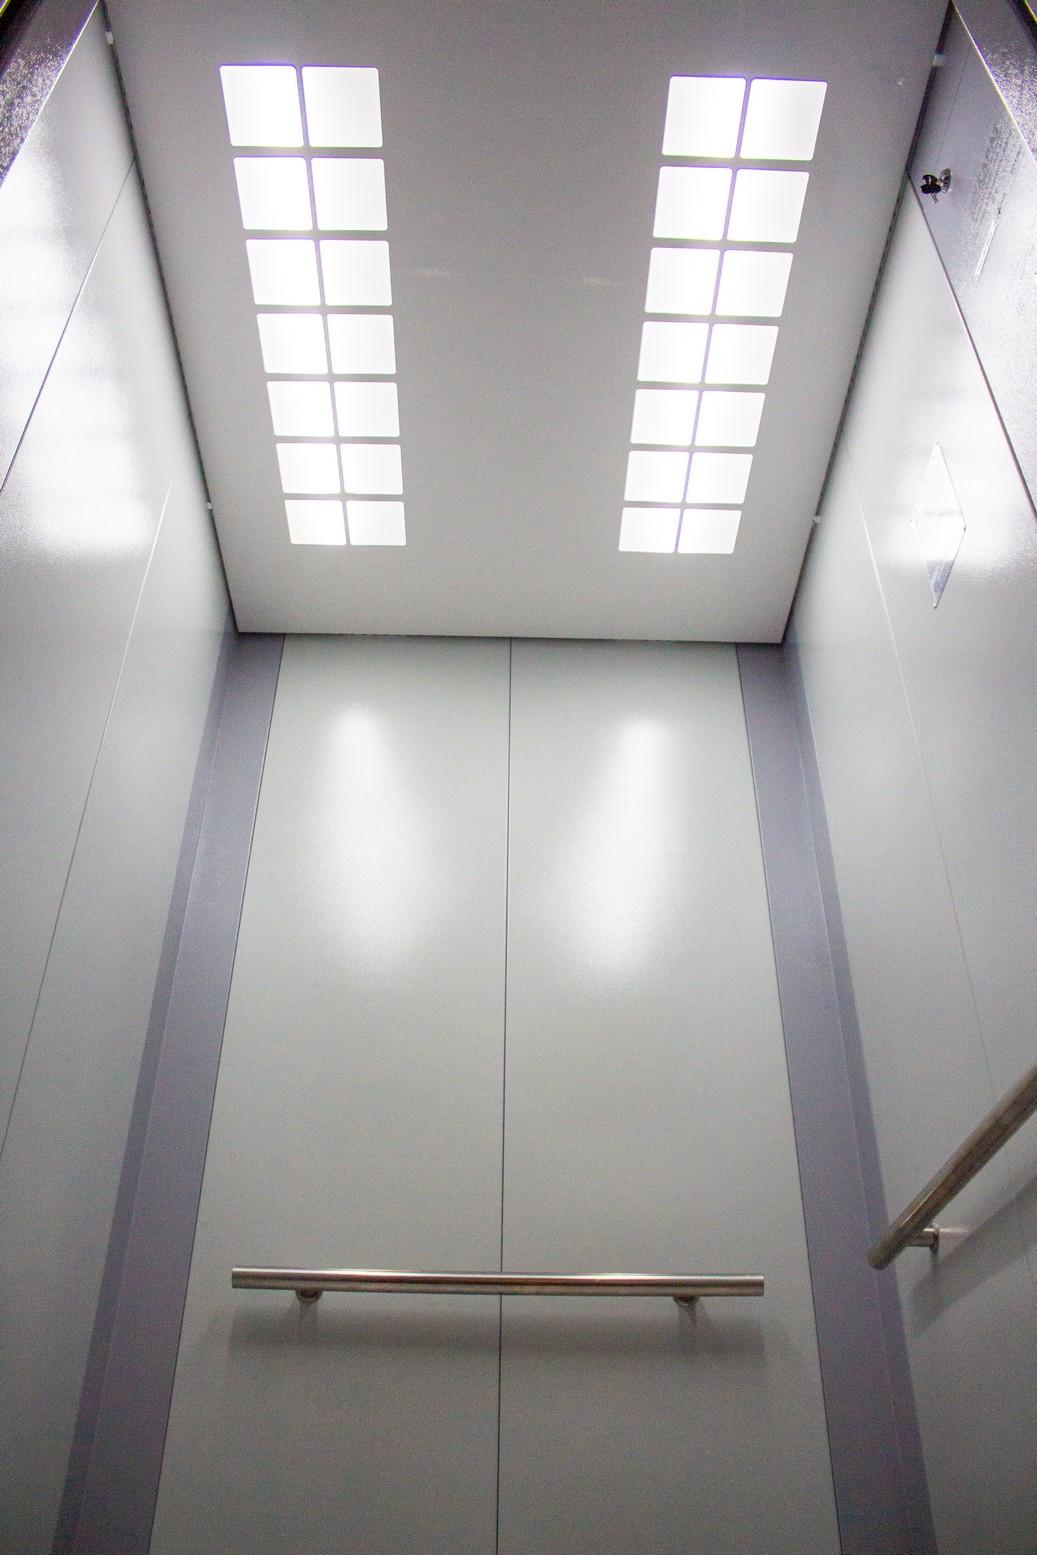 Варианты потолков кабины лифта с люминисцентным и галогеновым освещением